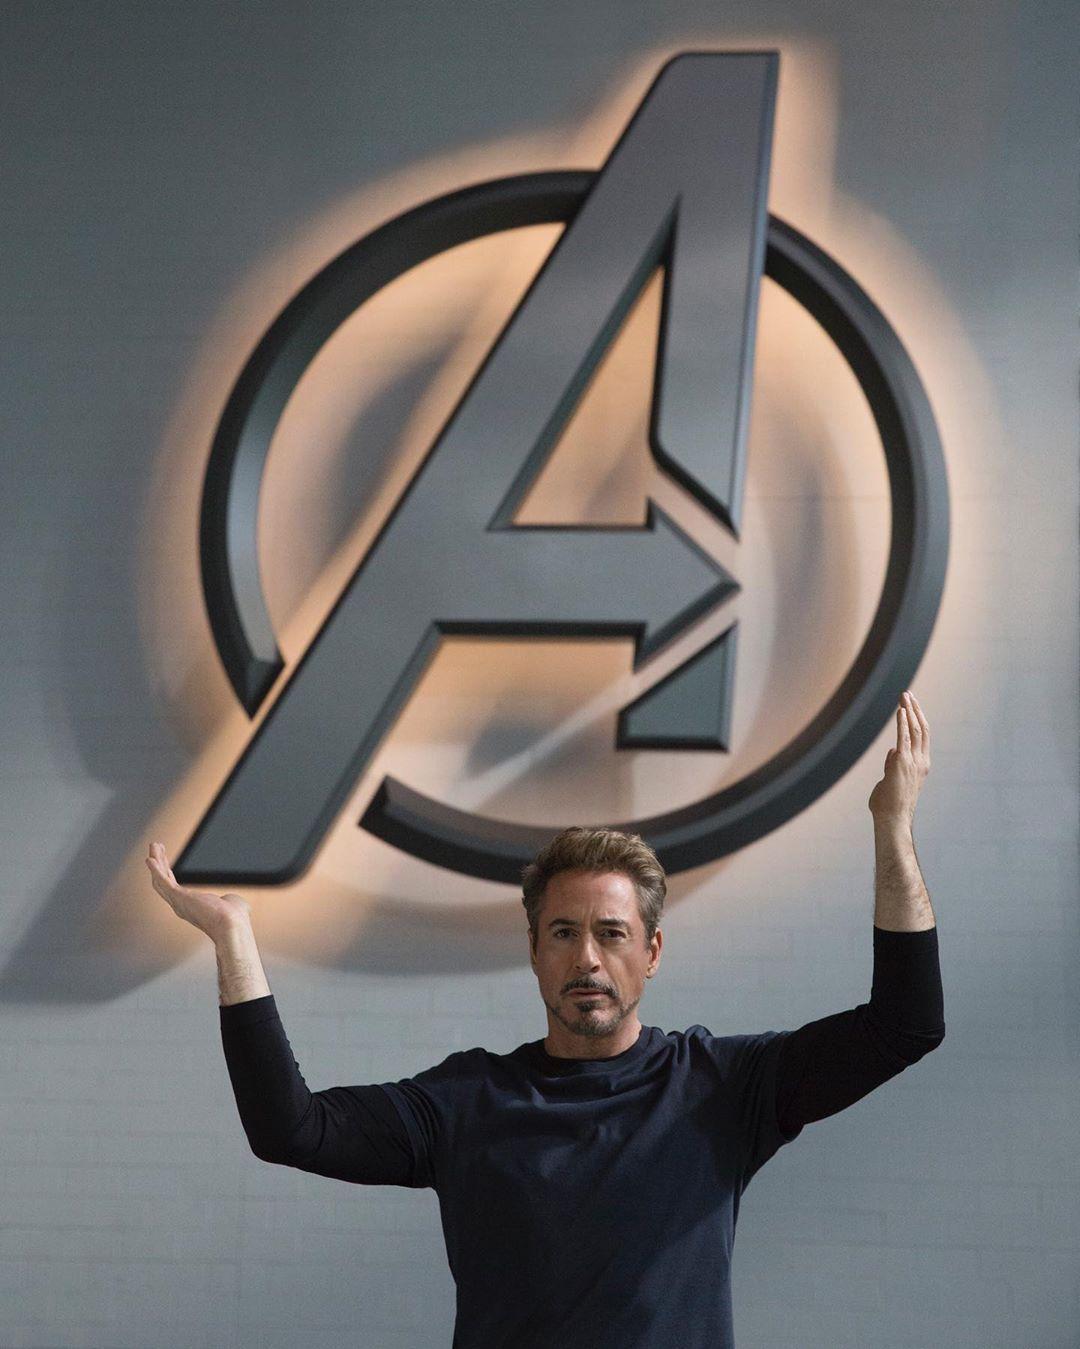 Robert Downey Jr. como Tony Stark/Iron Man en el set de Avengers: Endgame (2019). Imagen: Disney+ Instagram (@disneyplus).